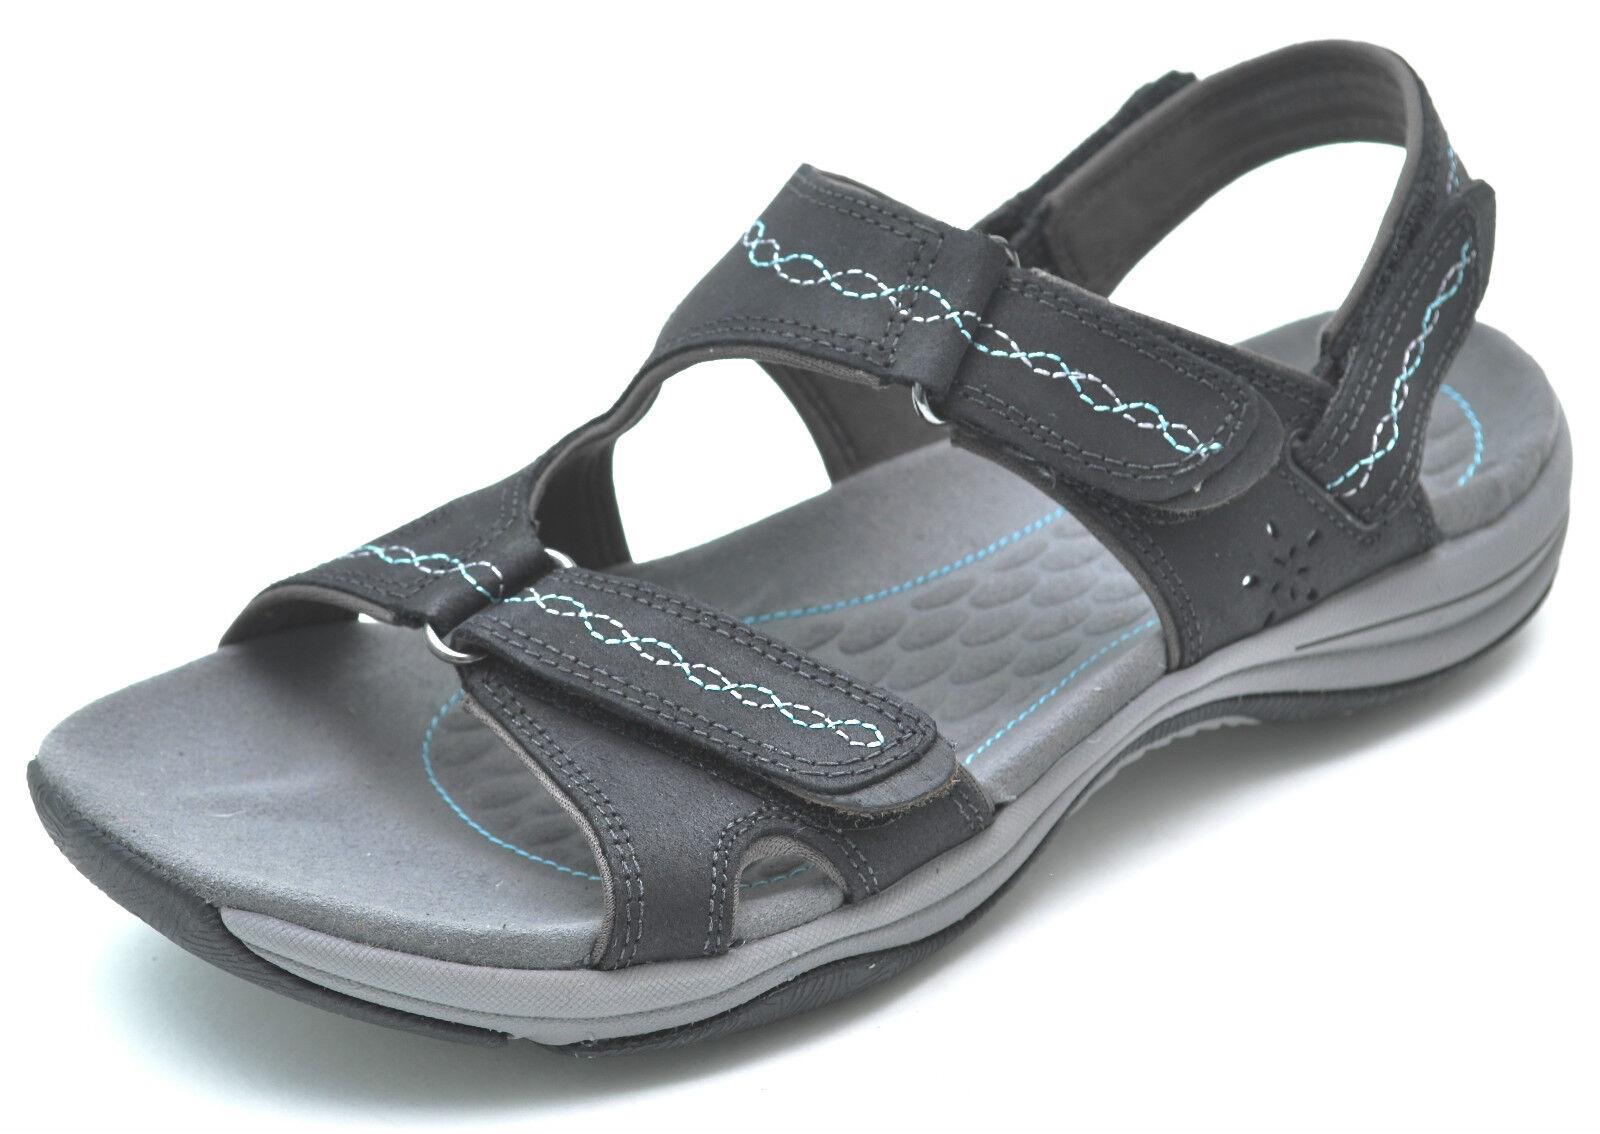 Clarks Privo Swift Hydro Negro Negro Negro Deporte Sandalias Zapatos para mujer 11-Nuevo - 64654  Vuelta de 10 dias